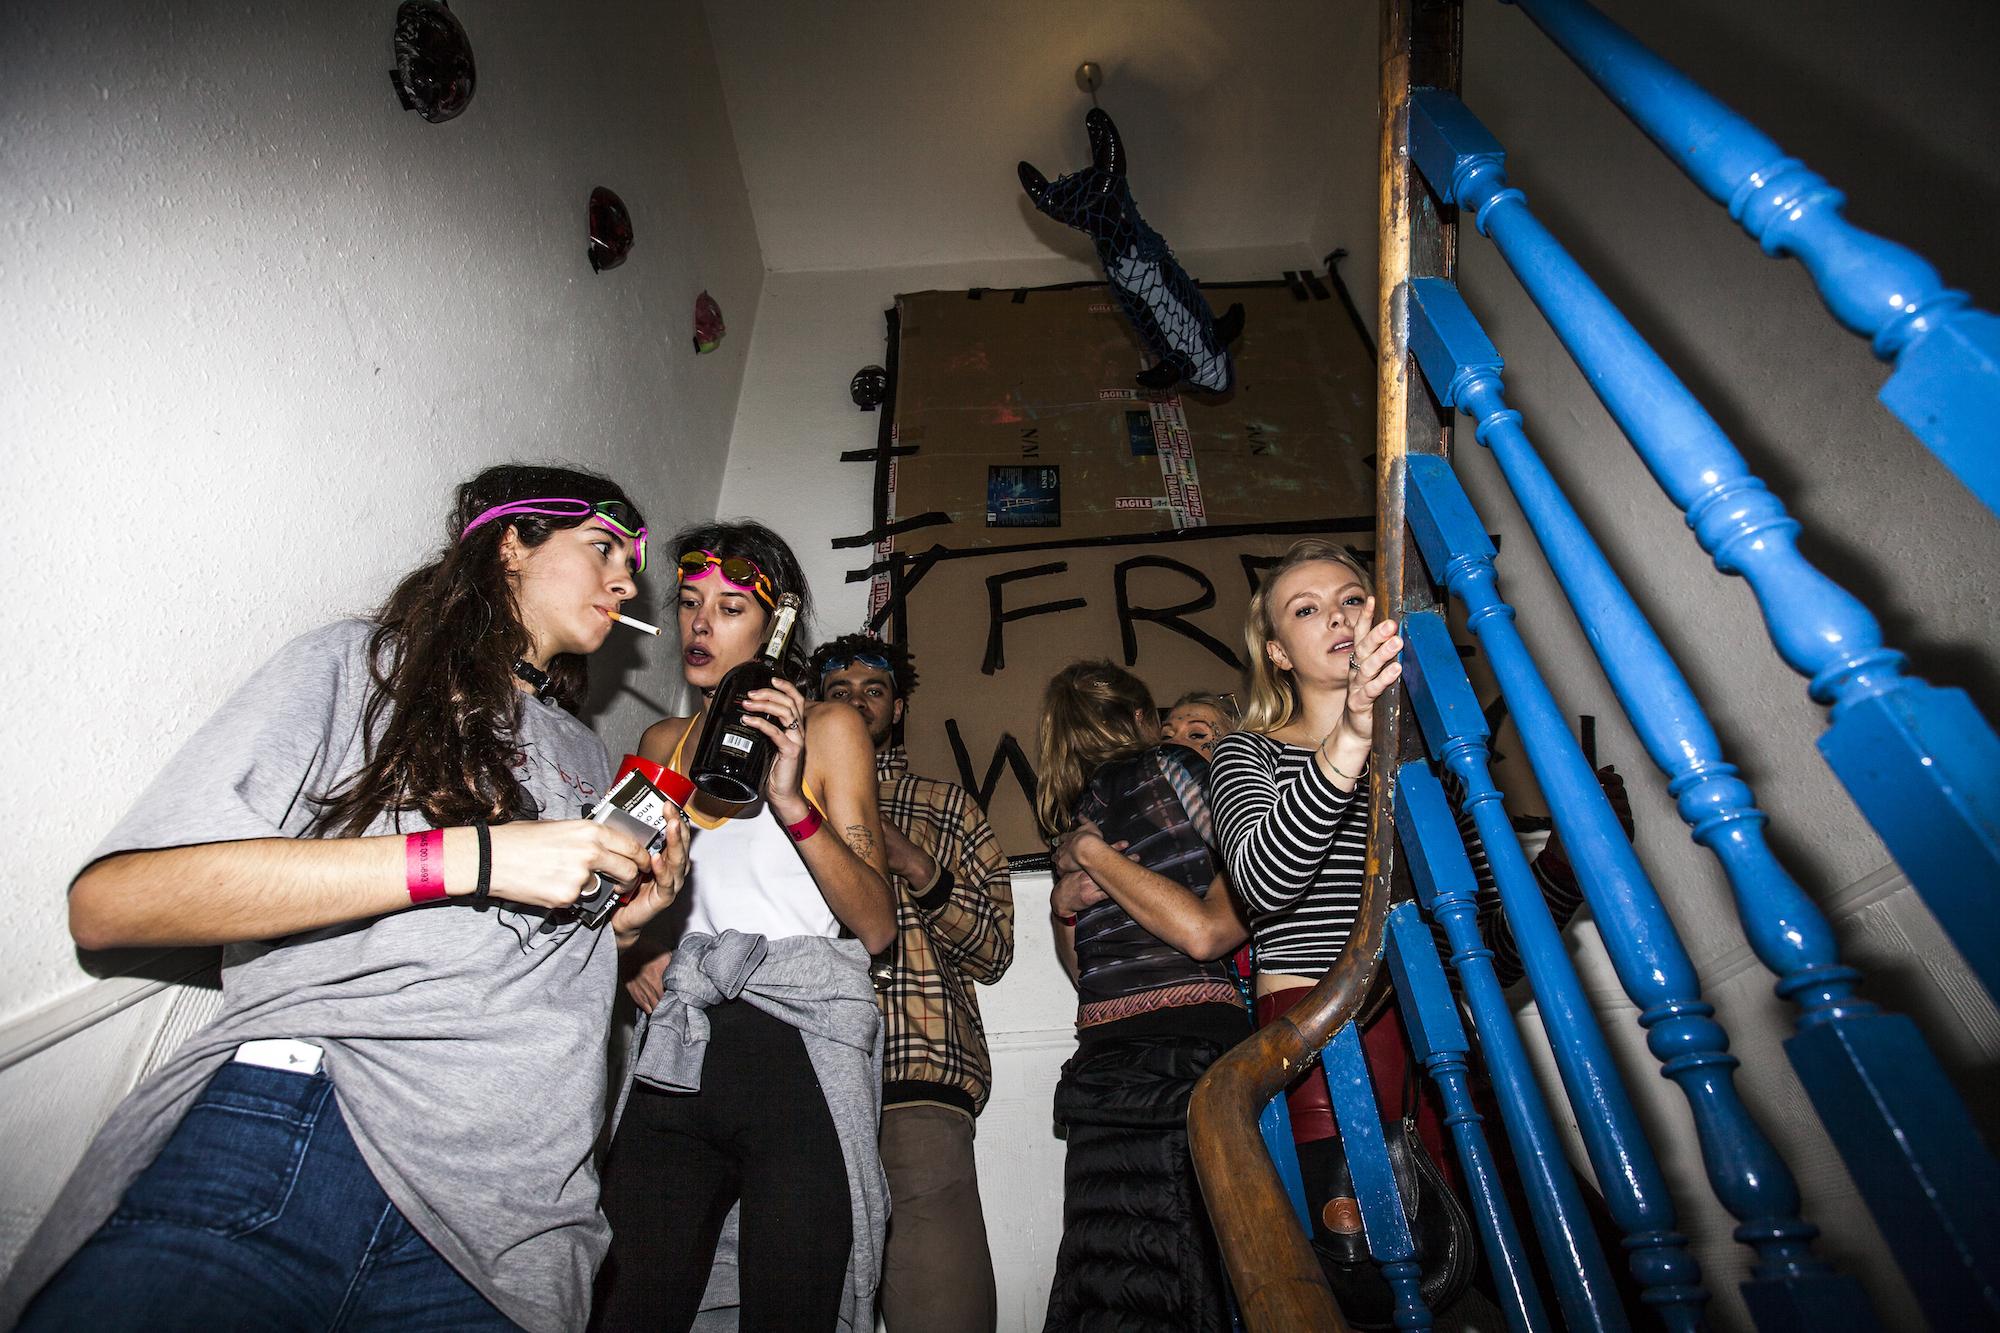 Свингер клуб в с петербурге, Свинг в Питере, поиск знакомств 27 фотография